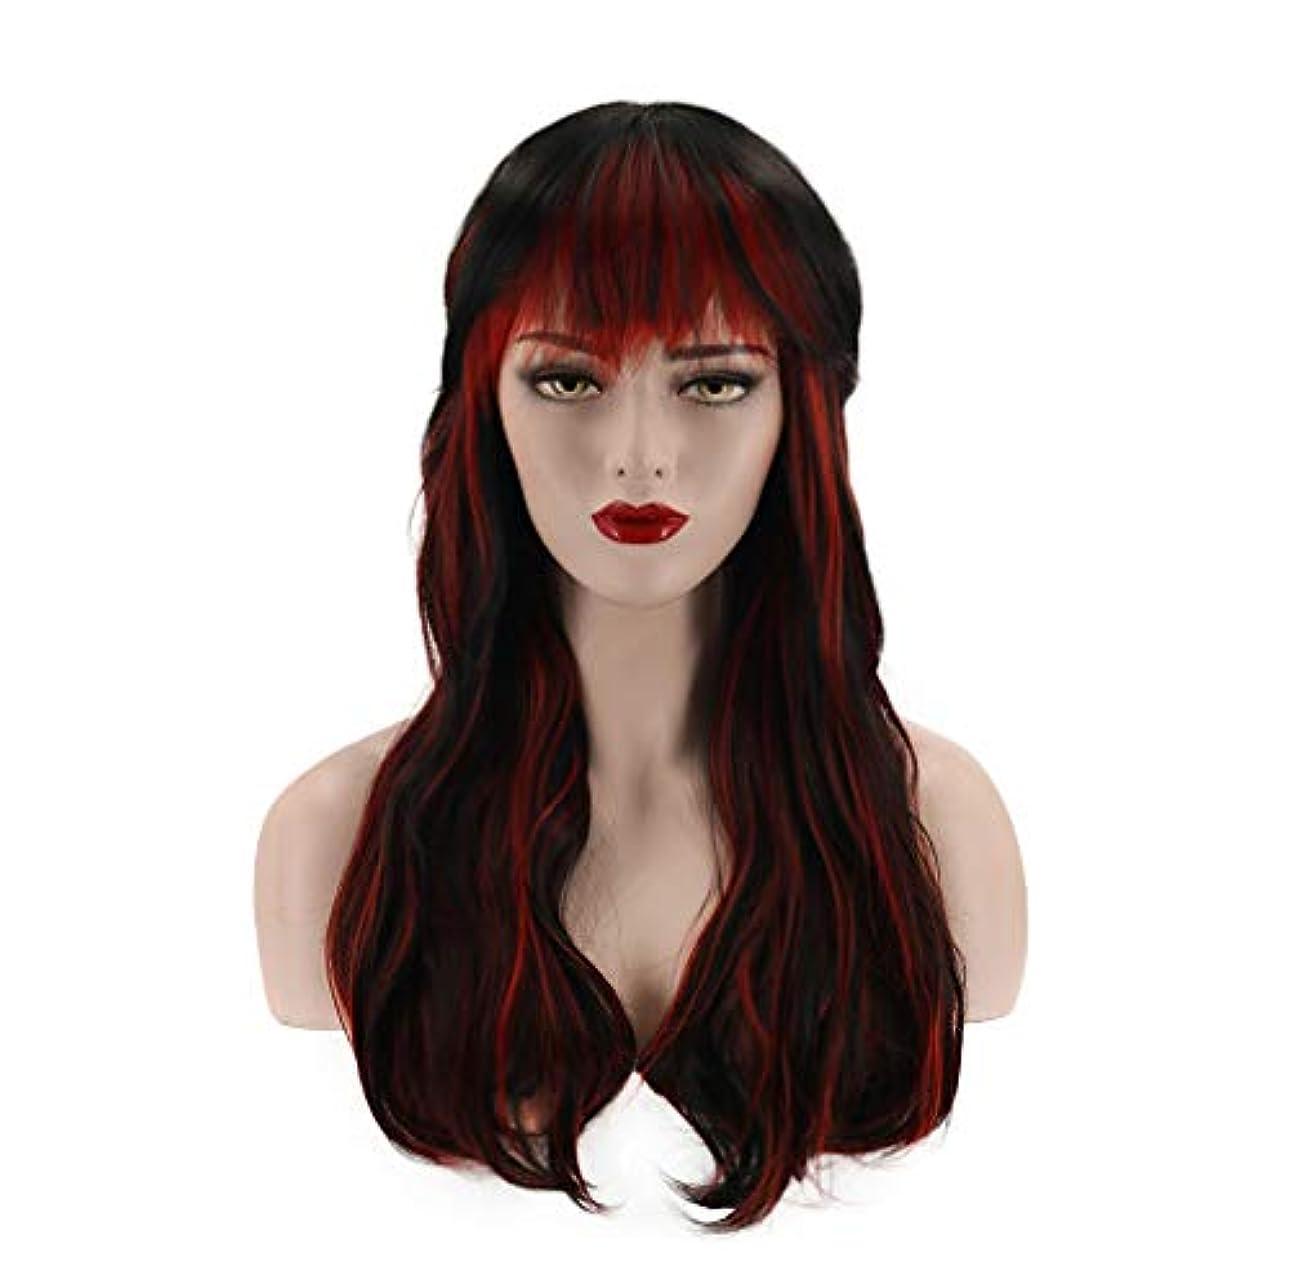 半島プレゼンター赤字女性ウィッグセクシーフルウィッグカーリー合成耐熱繊維ヘアウィッグナチュラルカラーデイリーアクセサリーグラデーション60cm